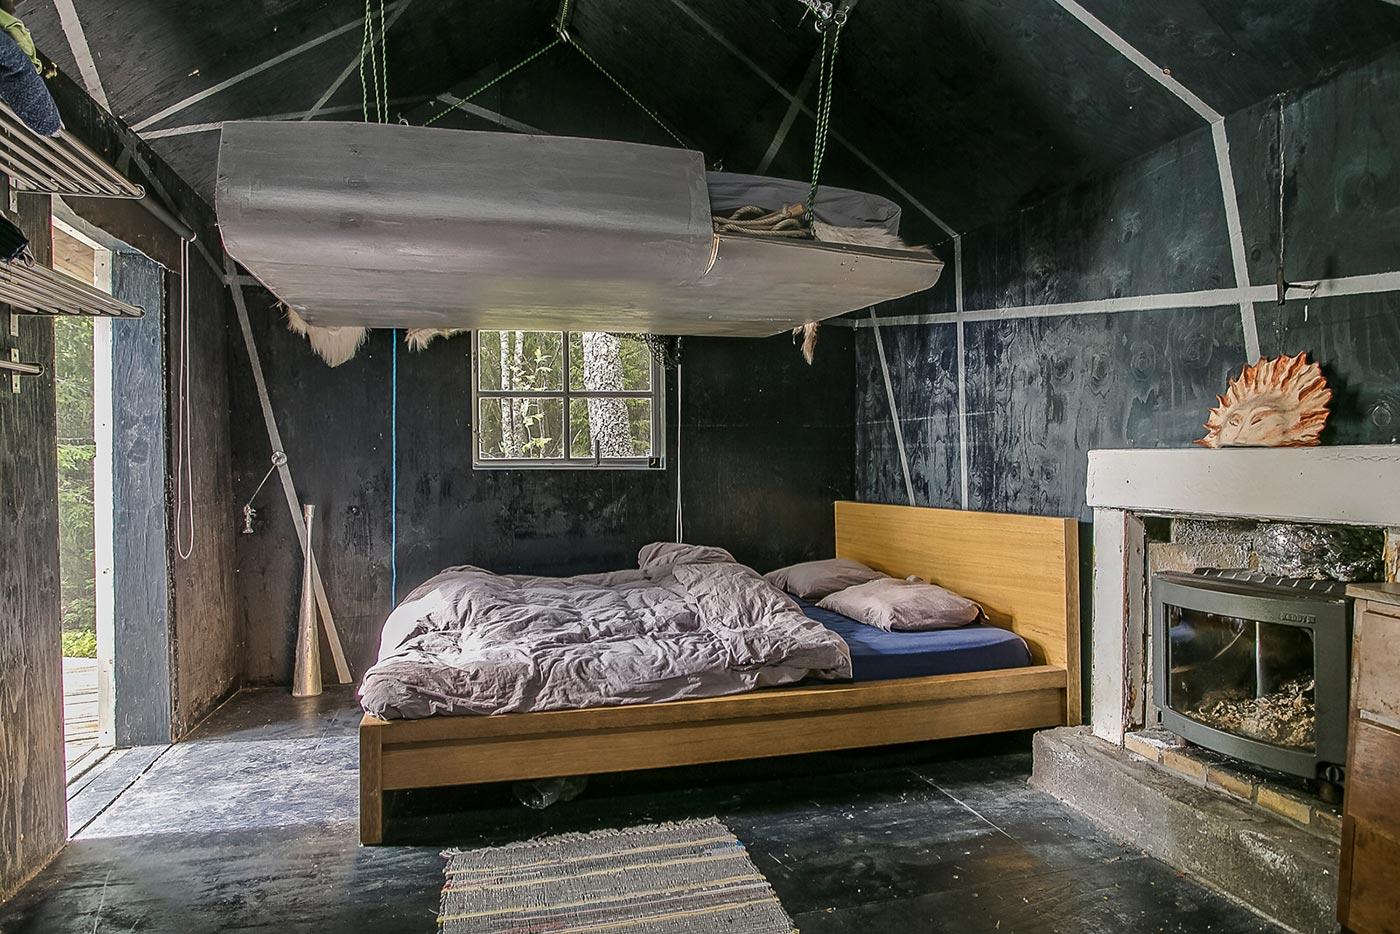 Dark bedroom with a loft bed